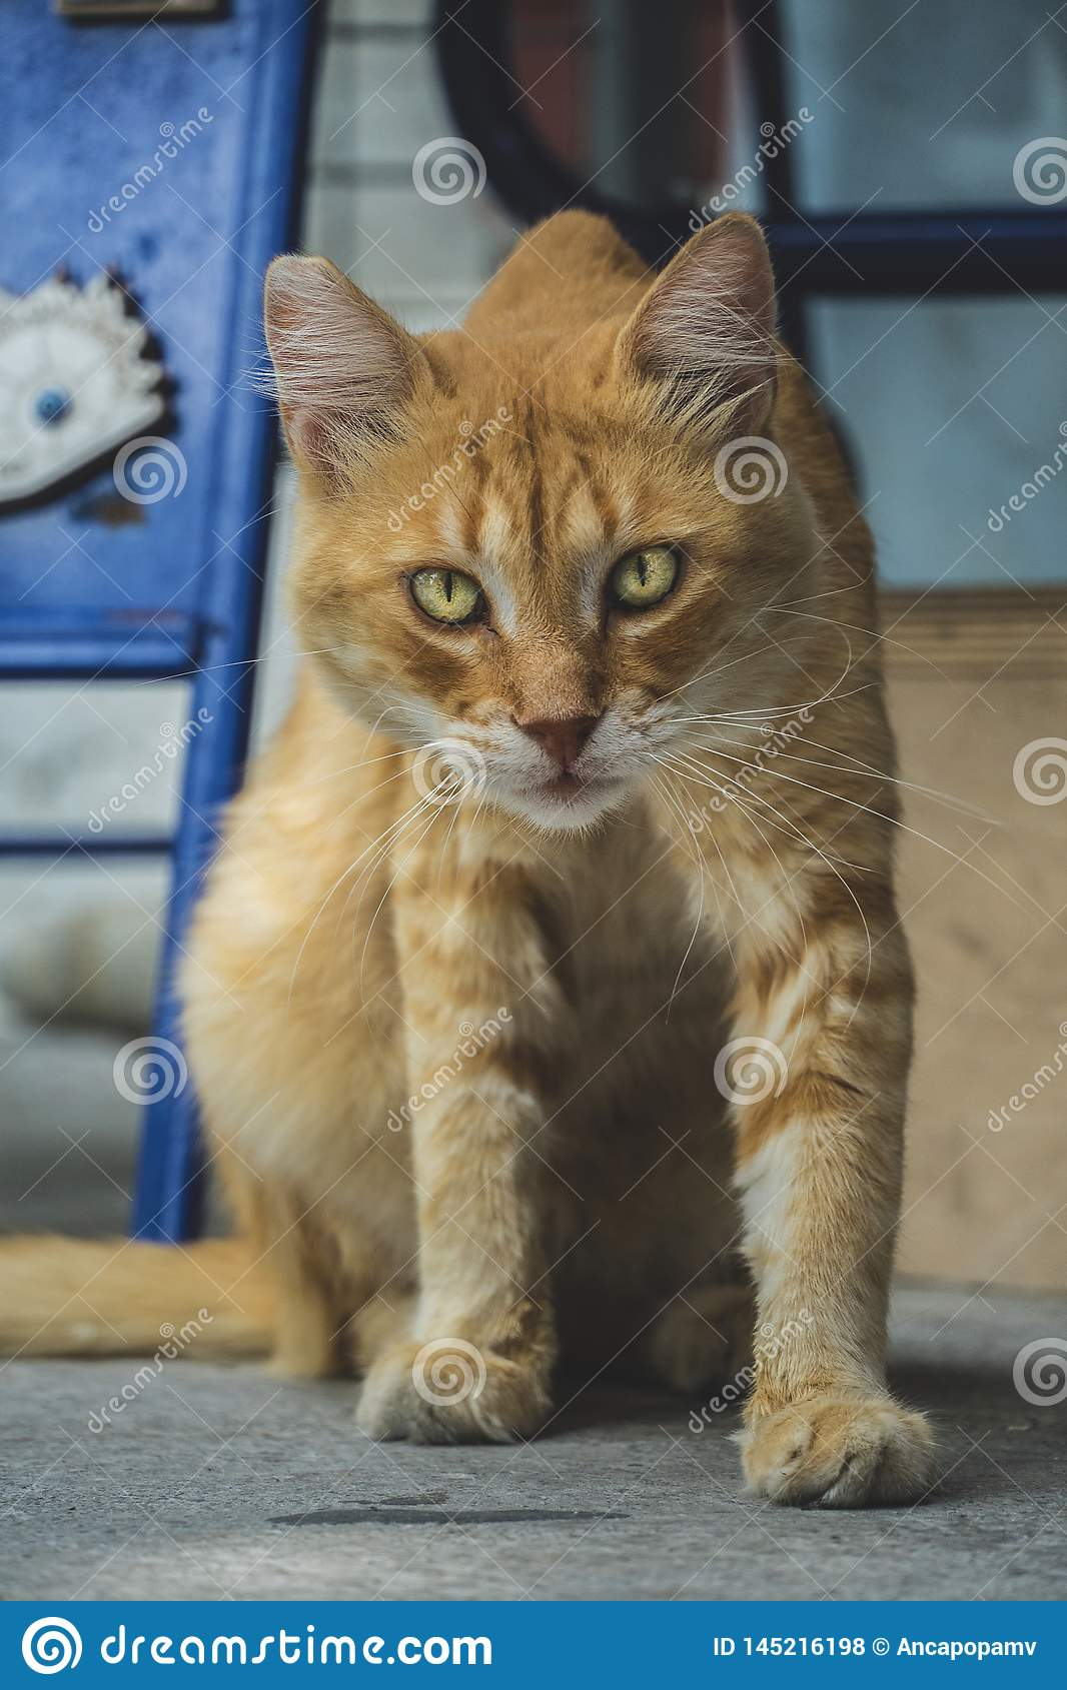 Gato de gato atigrado anaranjado perdido adulto con los ojos de oro, mirando curiosos la cámara